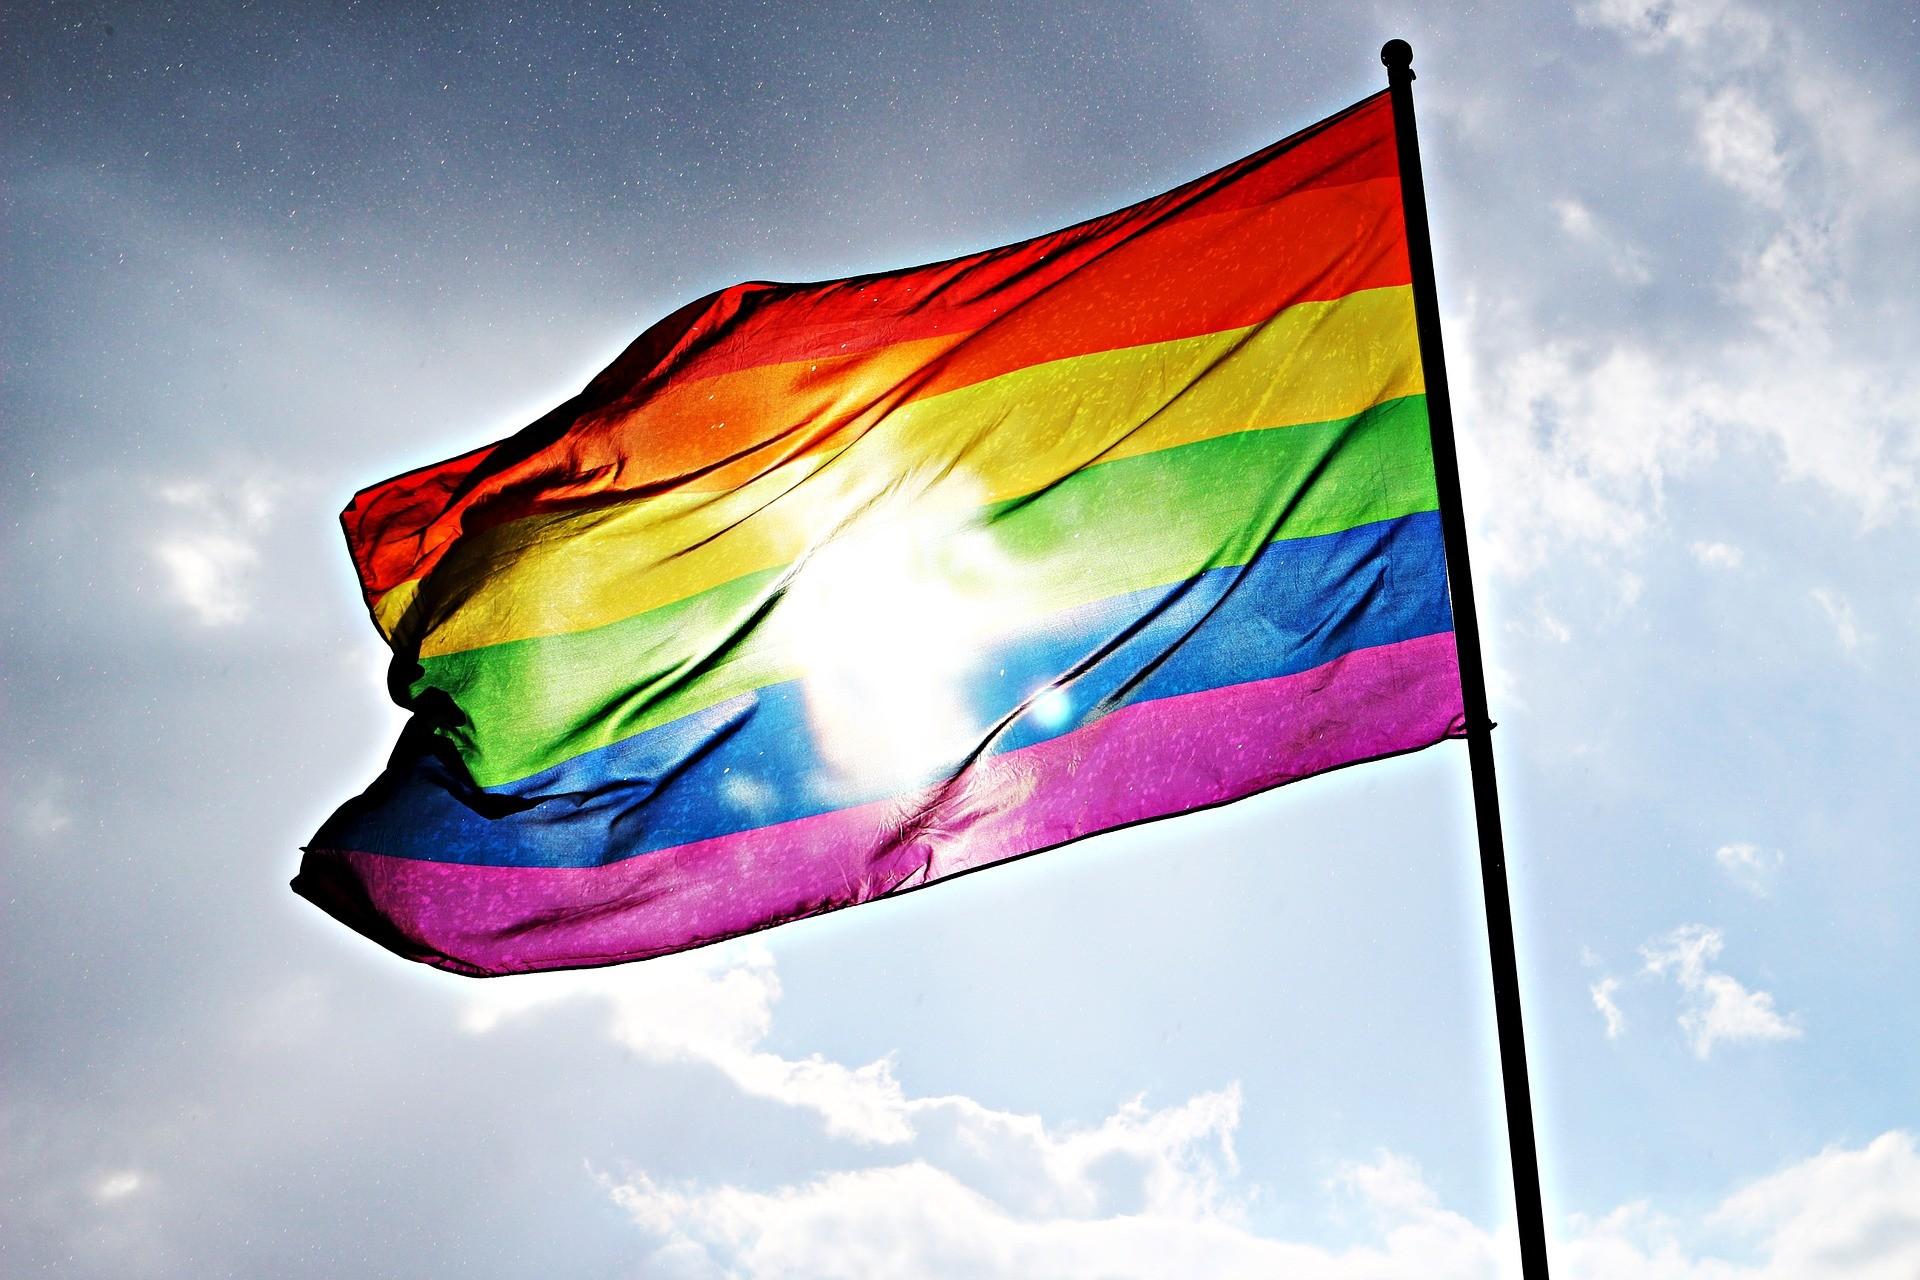 ▲▼ 同志,同性戀,LGBT,彩虹旗,彩虹。(圖/取自免費圖庫Pixabay)